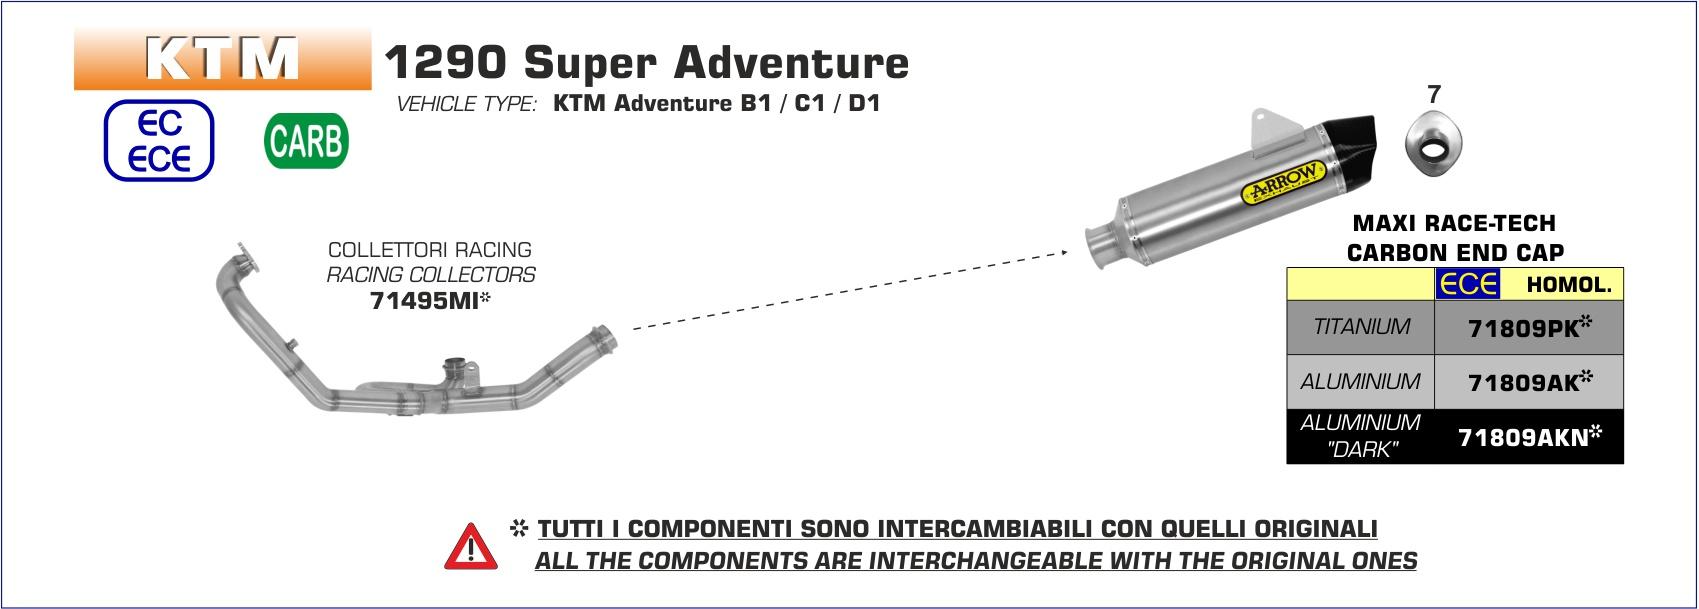 Terminale Maxi Race-Tech titanio con fondello carby -